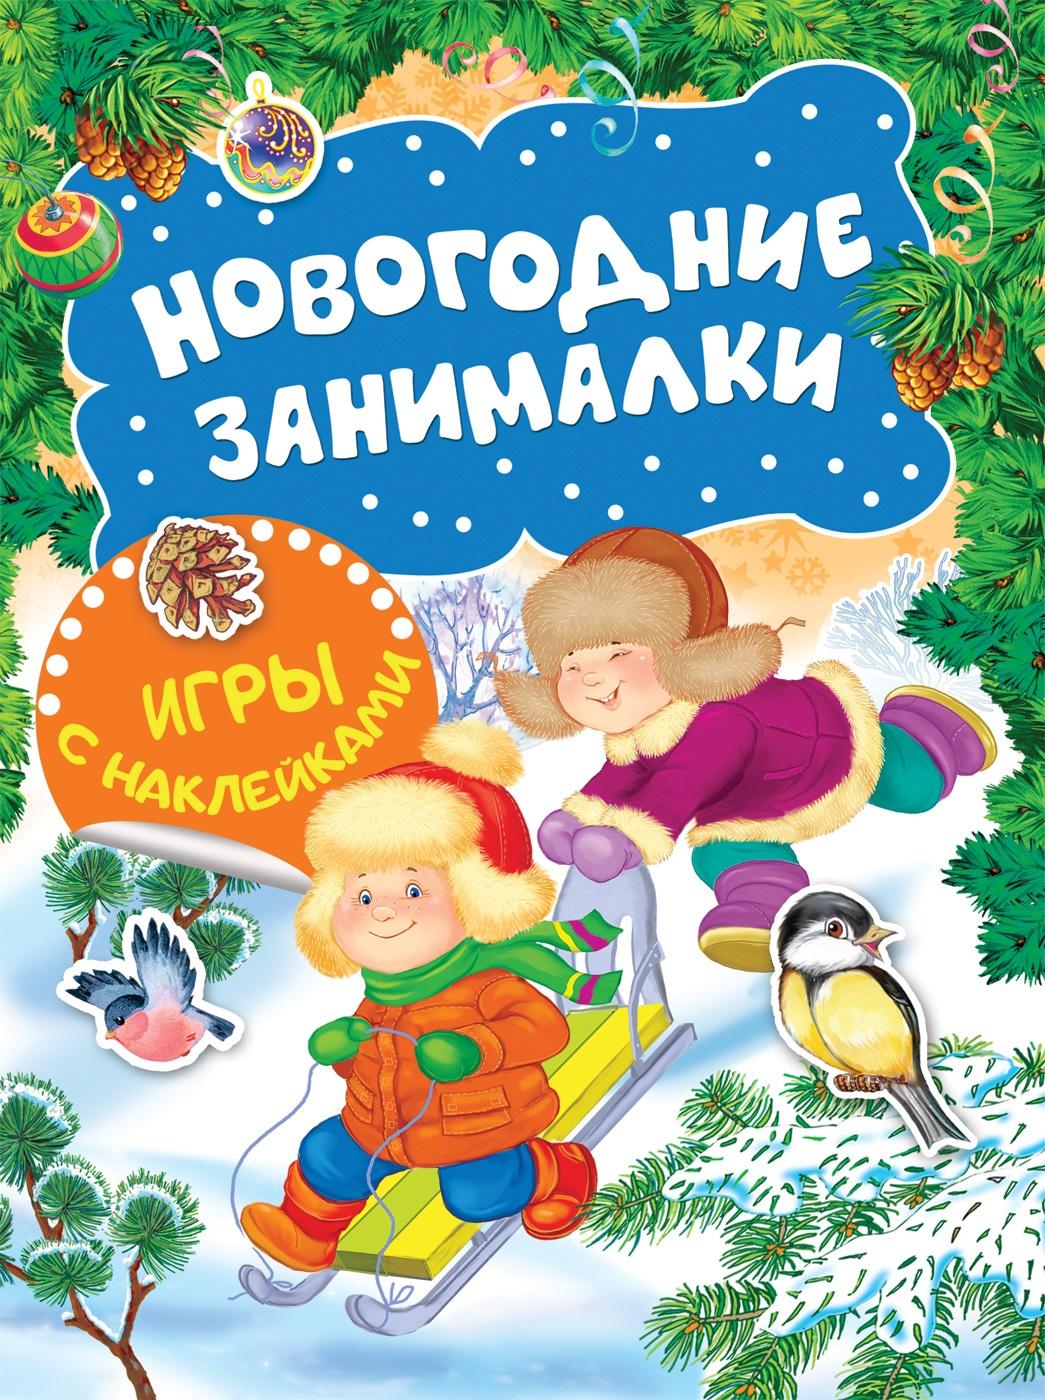 Котятова Н. И. Новогодние занималки. Игры с наклейками (Зимние забавы)